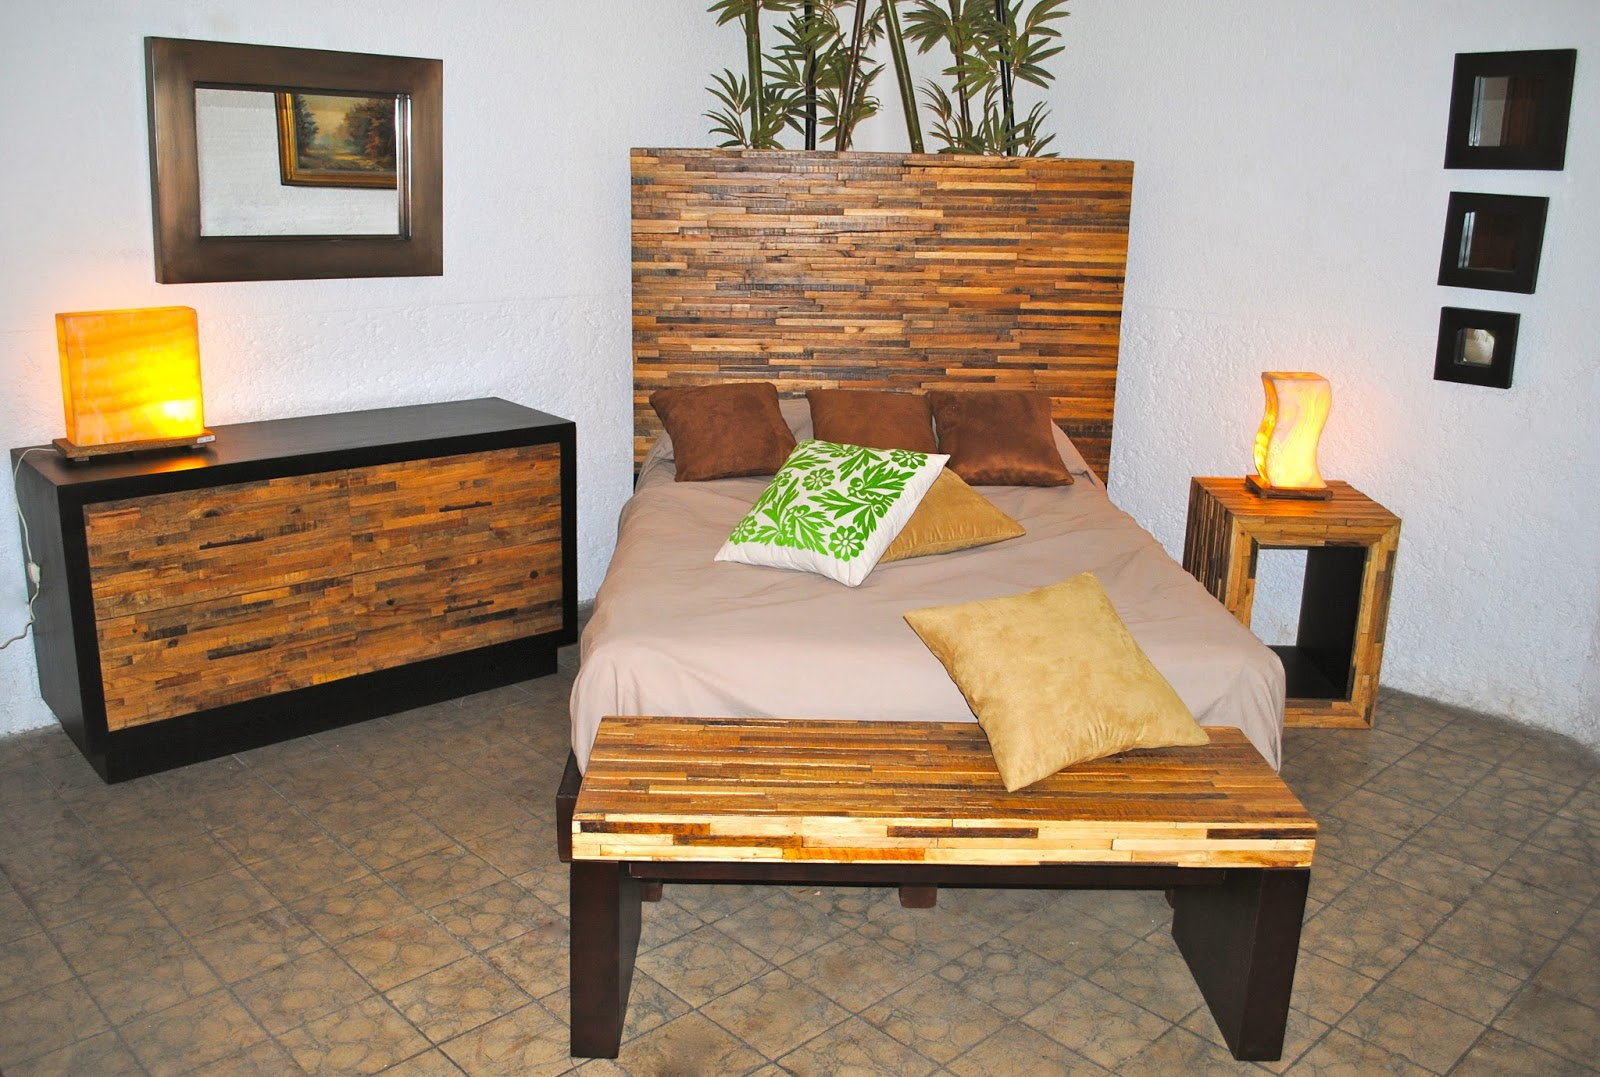 Muebles condesa muebles de madera reciclada for Cosas con madera reciclada